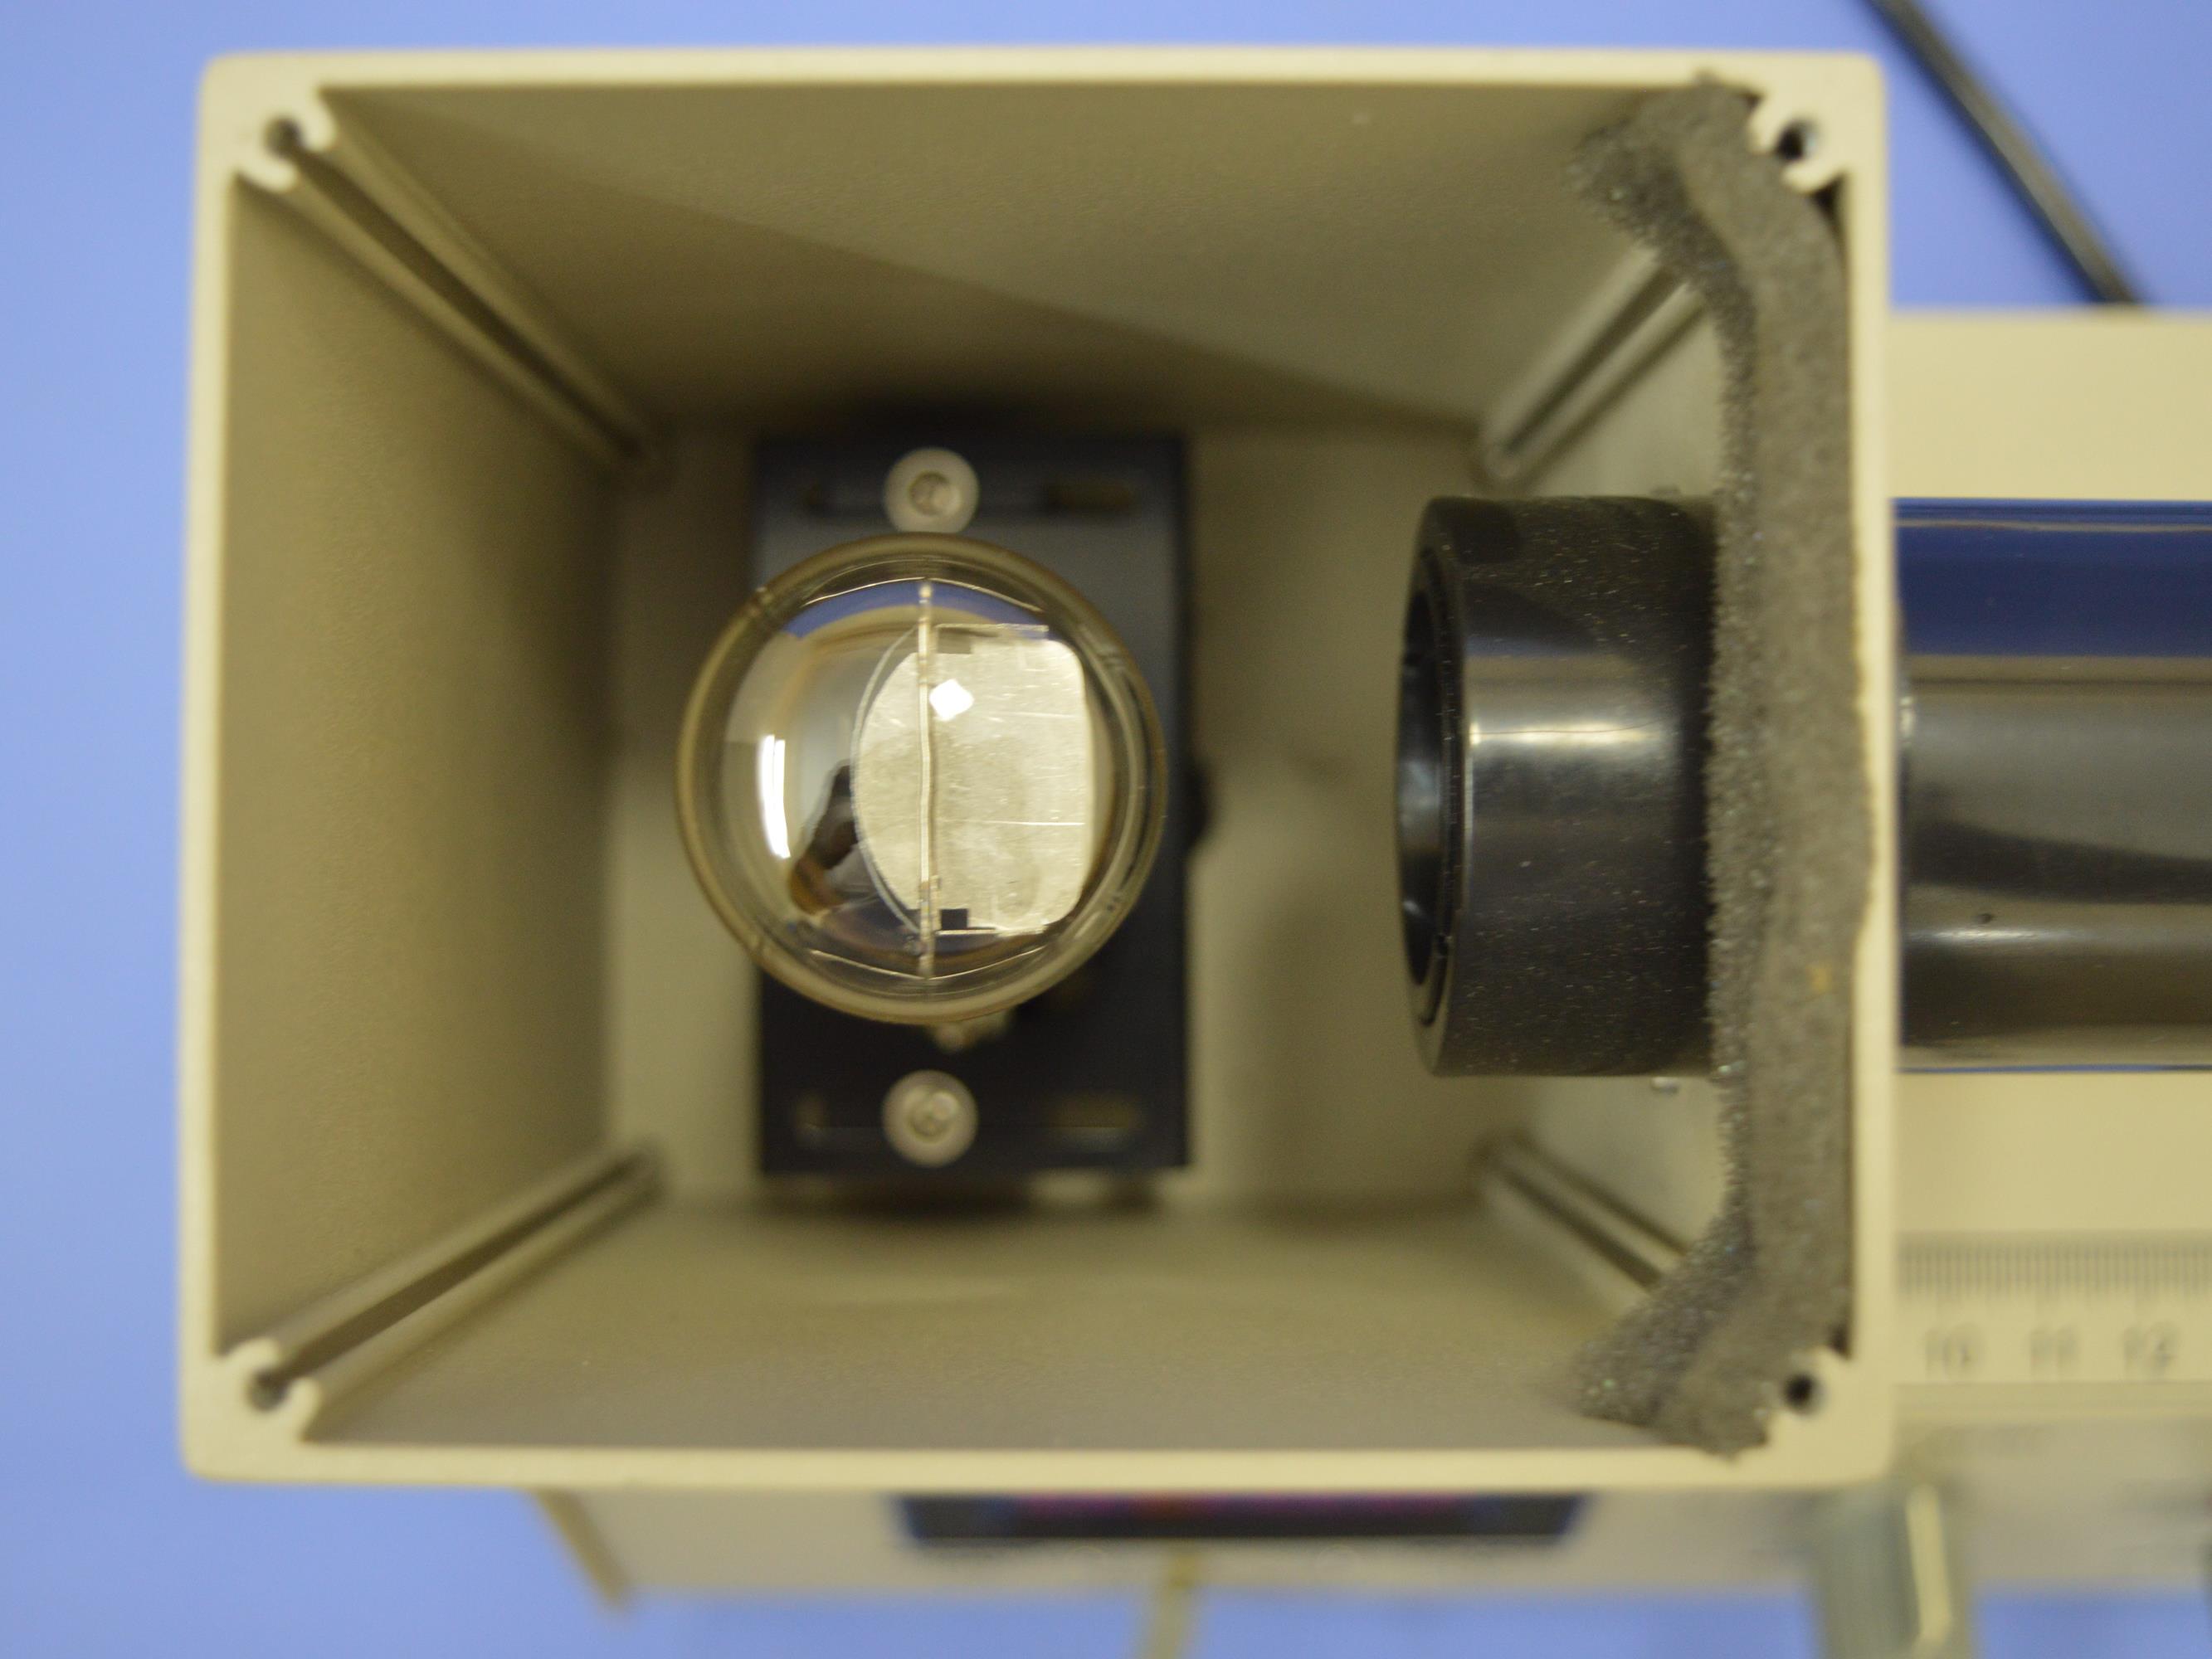 Planck's Constant Experiment, PC-101